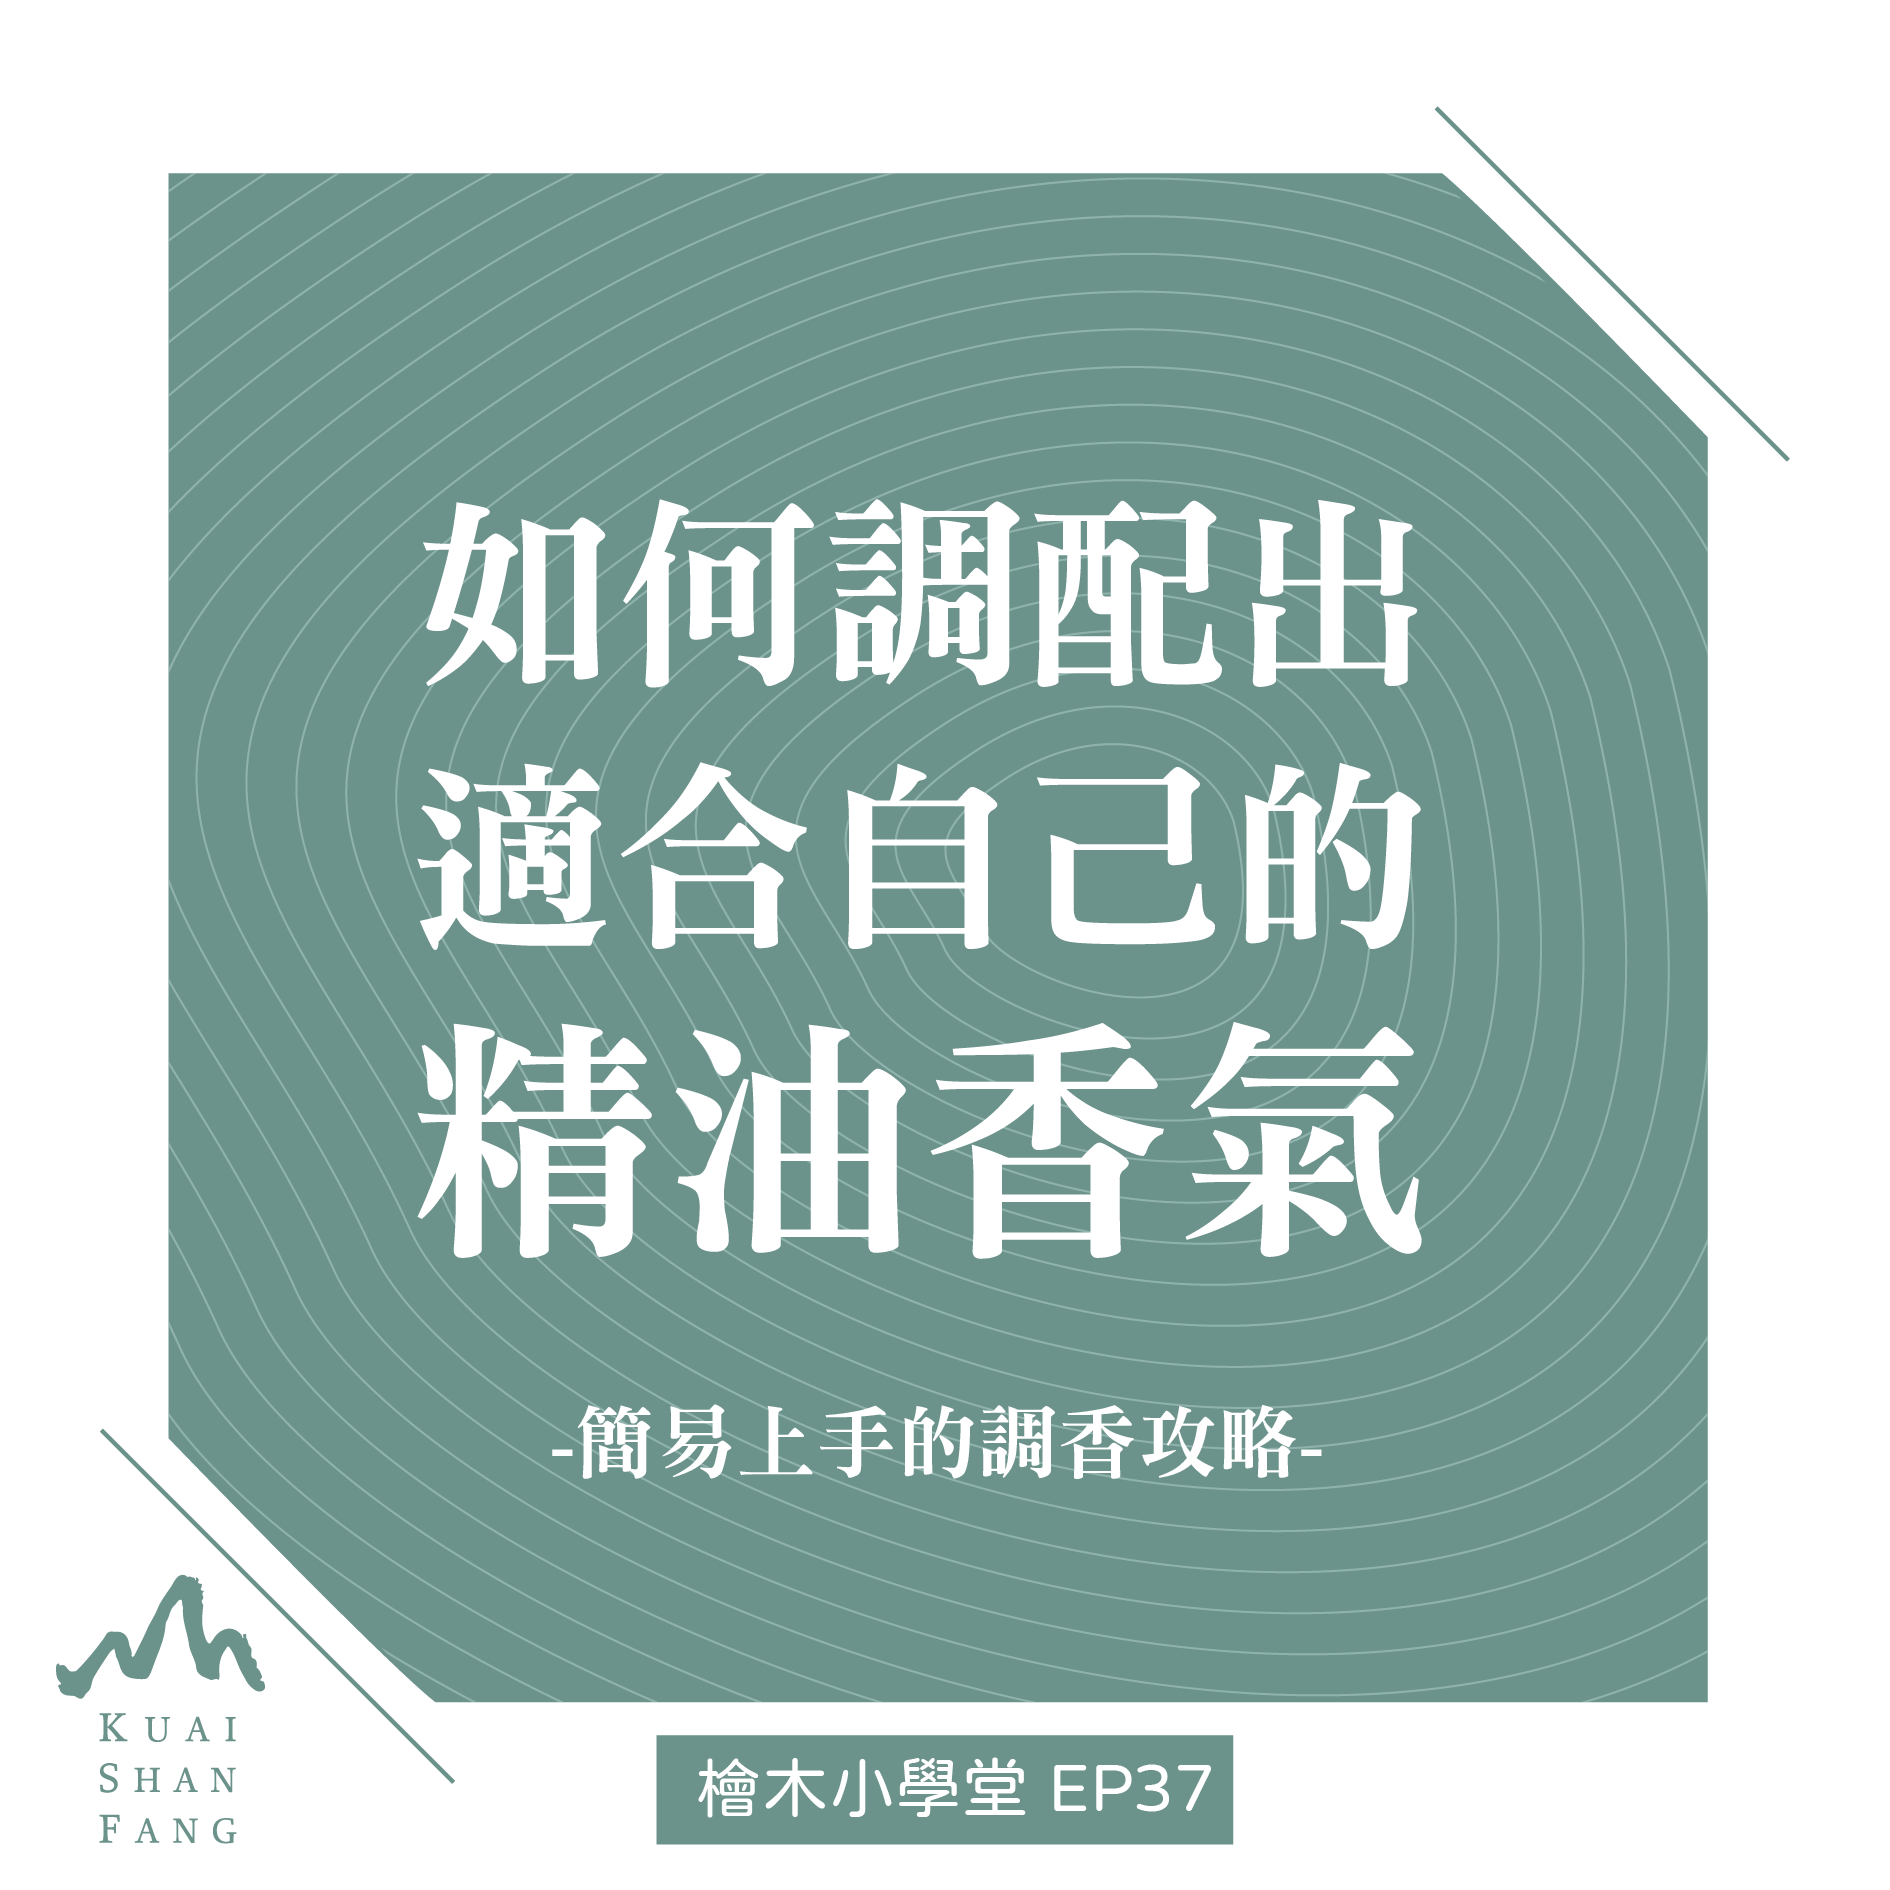 檜木小學堂-調香教學如何調配出適合自己的精油香氣-04-04-01